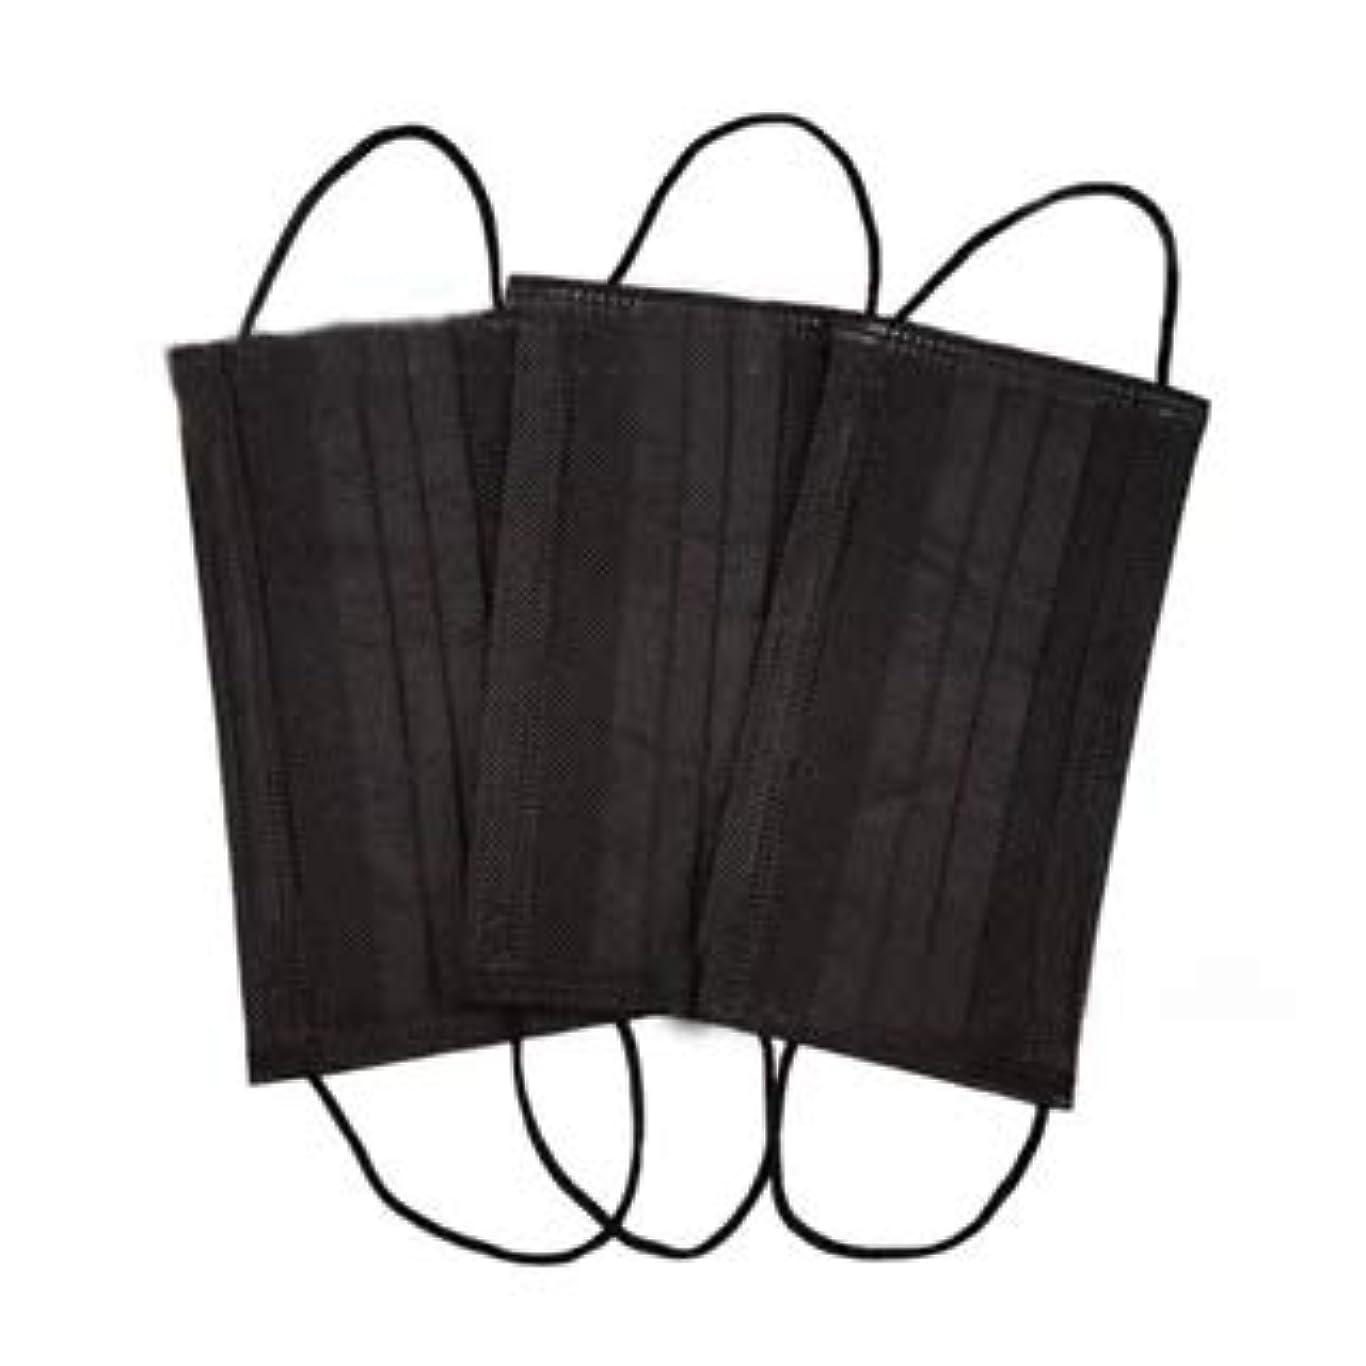 エレベーターぬれたカスタム使い捨てマスク ブラック 6枚入り 不織布 フェイスマスク mask 黒